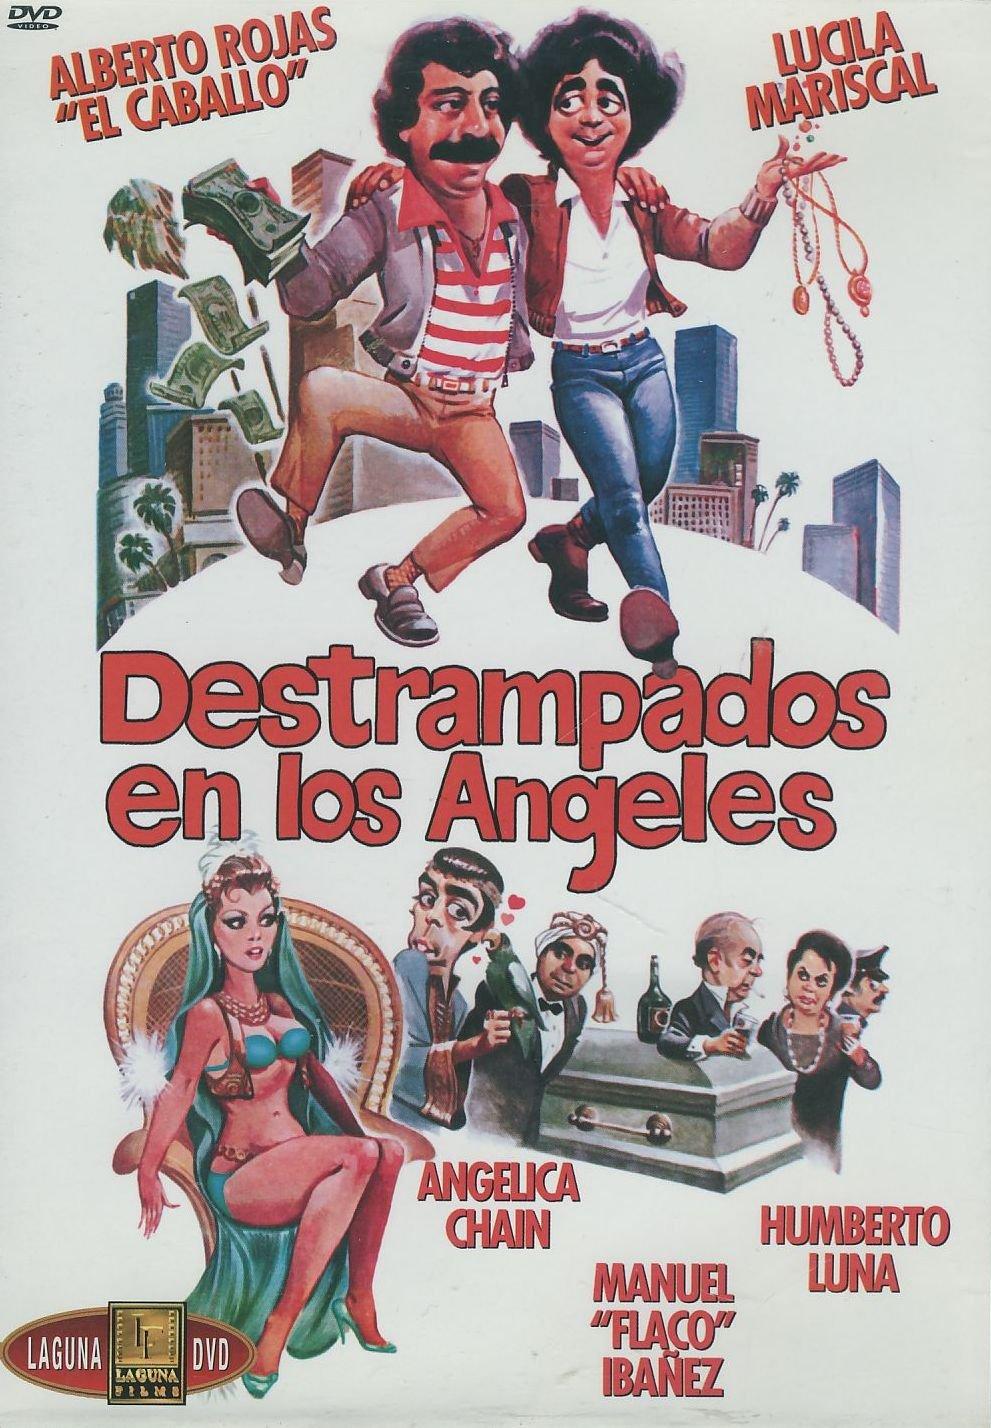 Destrampados en Los Angeles ((1987))